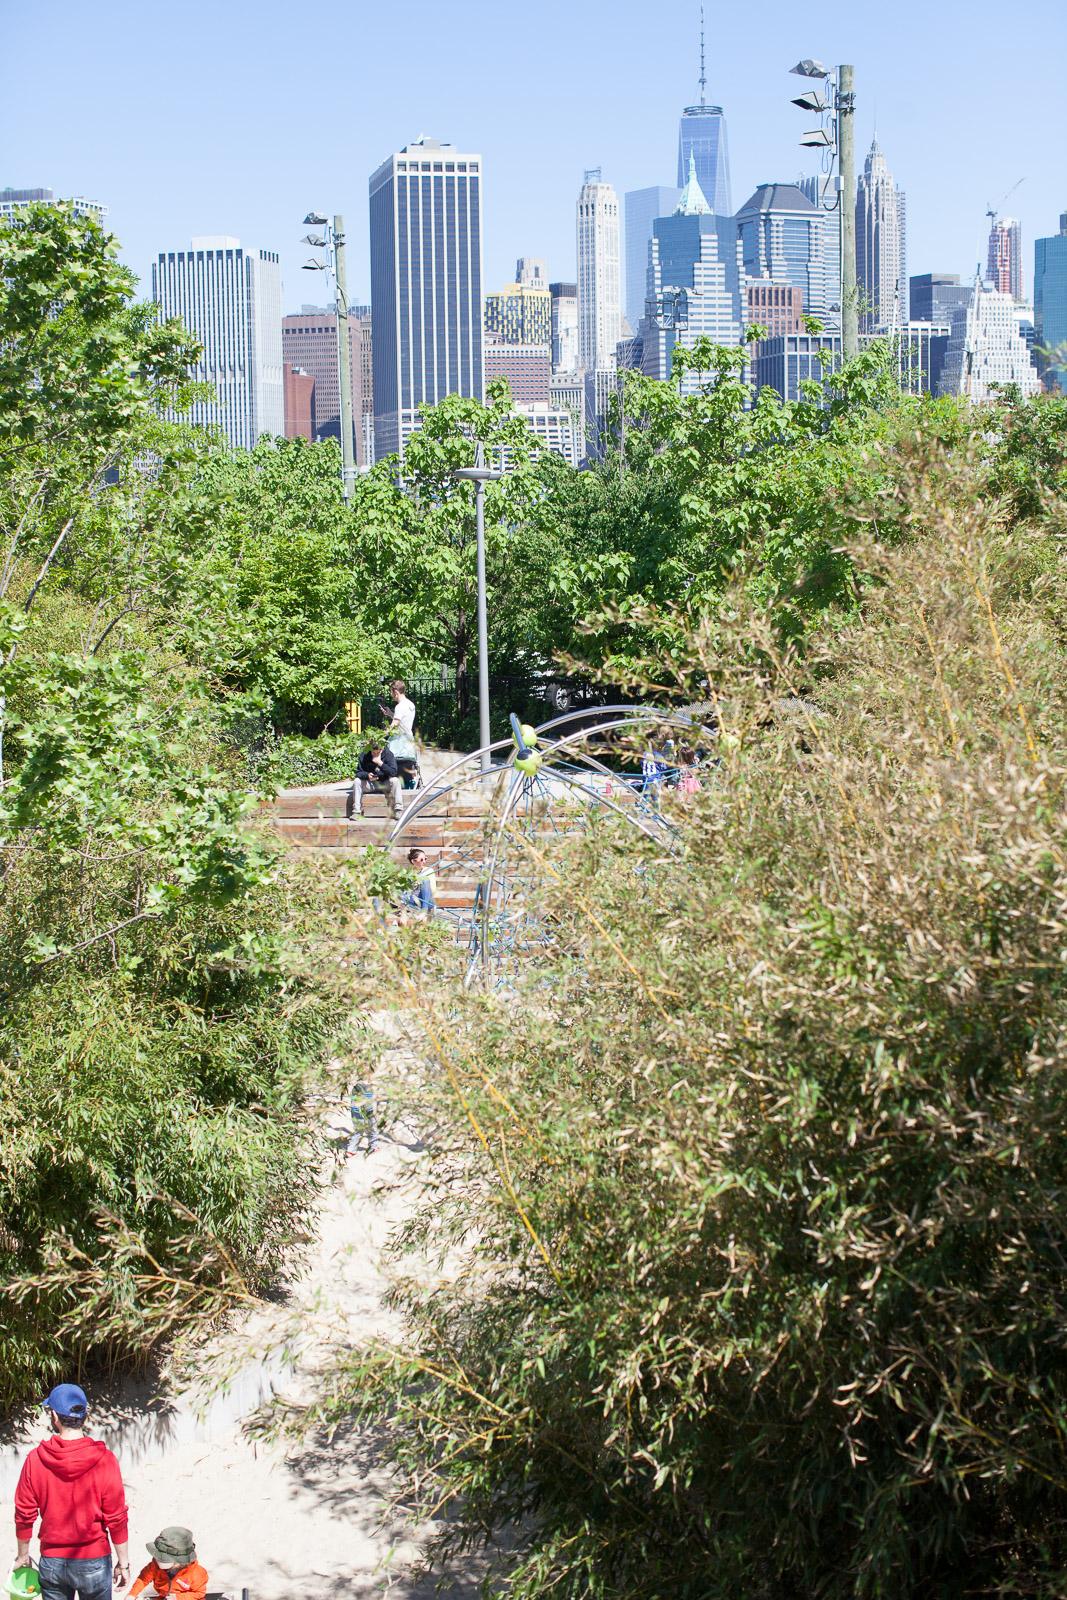 brooklyn-bridge-park-2-robertiaga-3